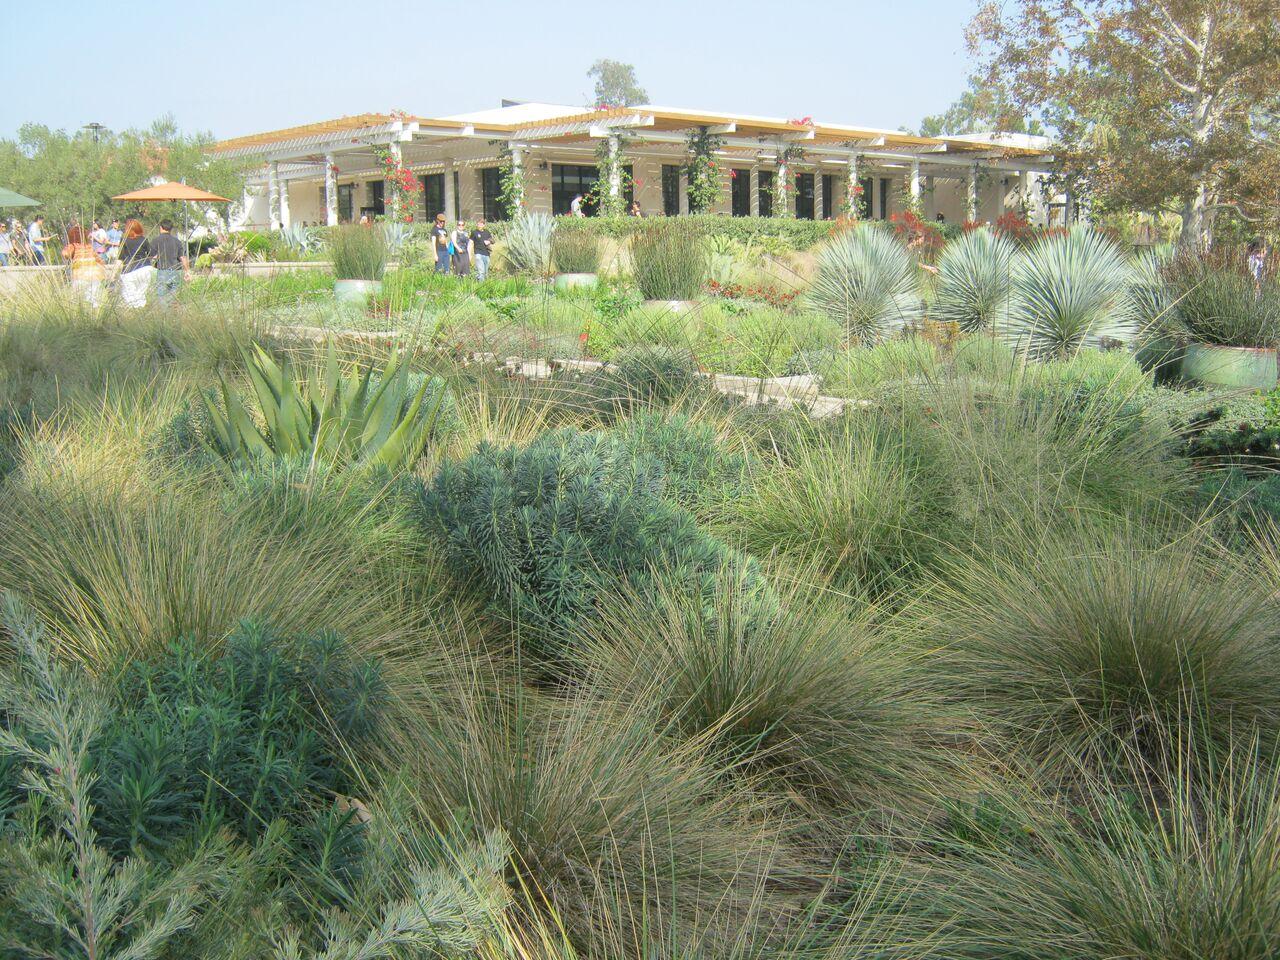 INTERNATIONAL Mediterranean garden society -